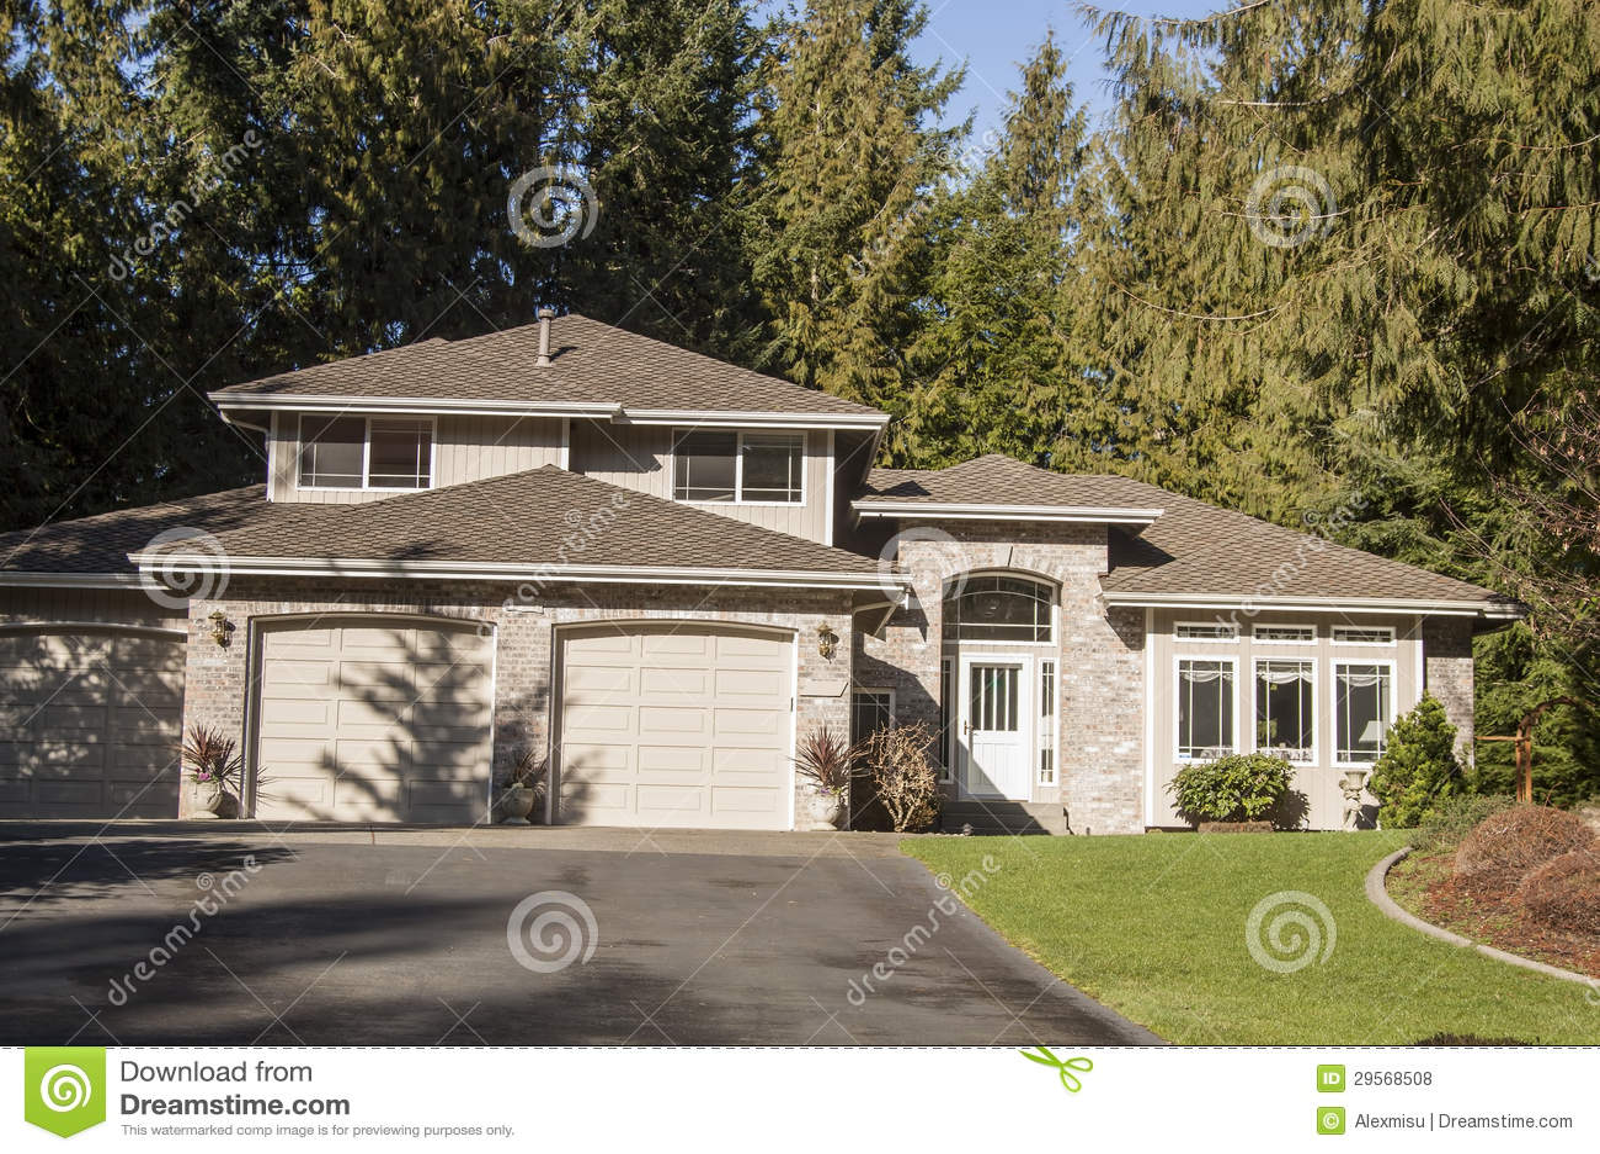 Interesting download casa stile americana fotografia stock for Case in legno stile americano